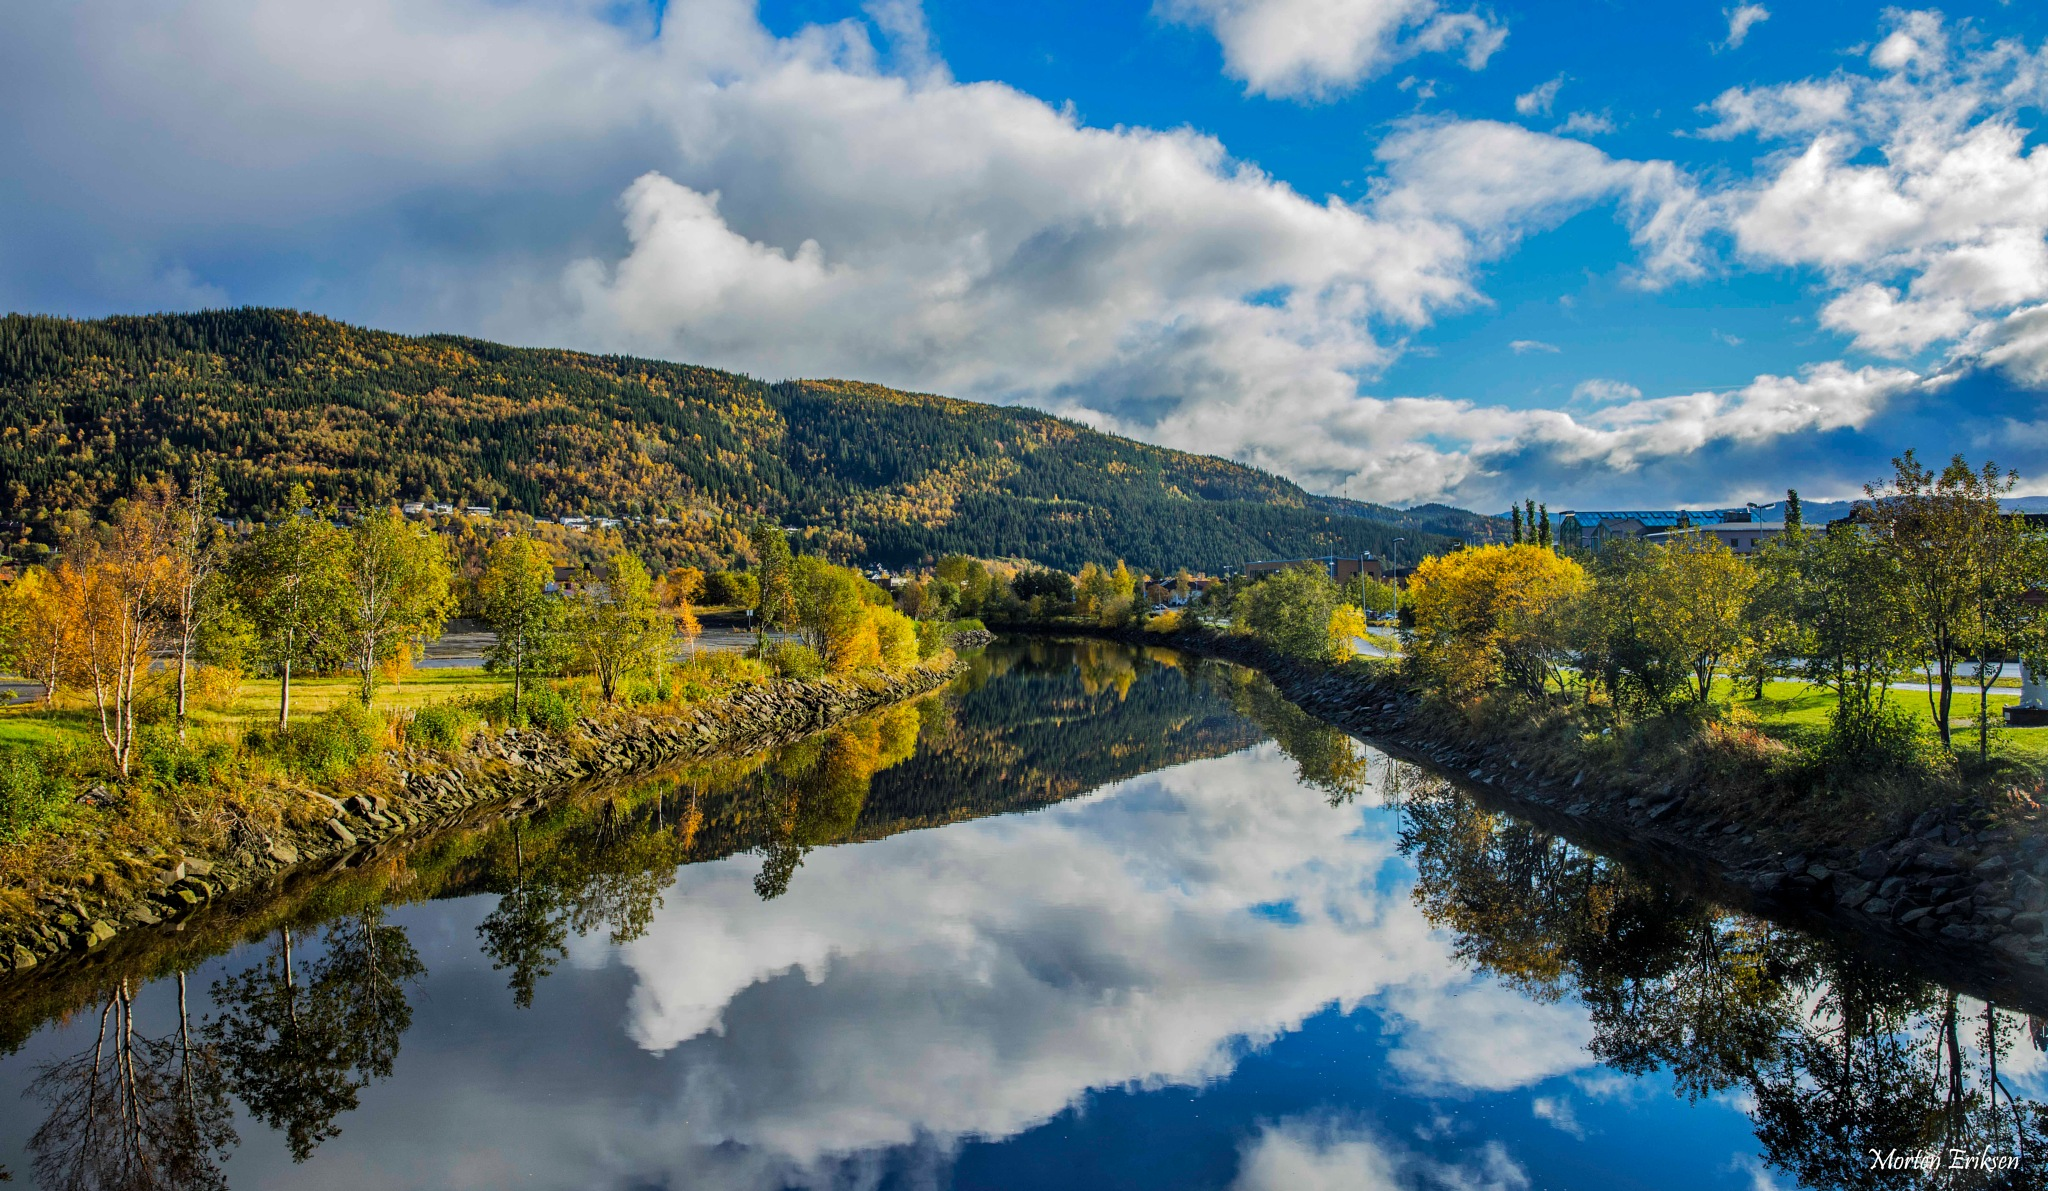 Autumn is here by Morten Eriksen